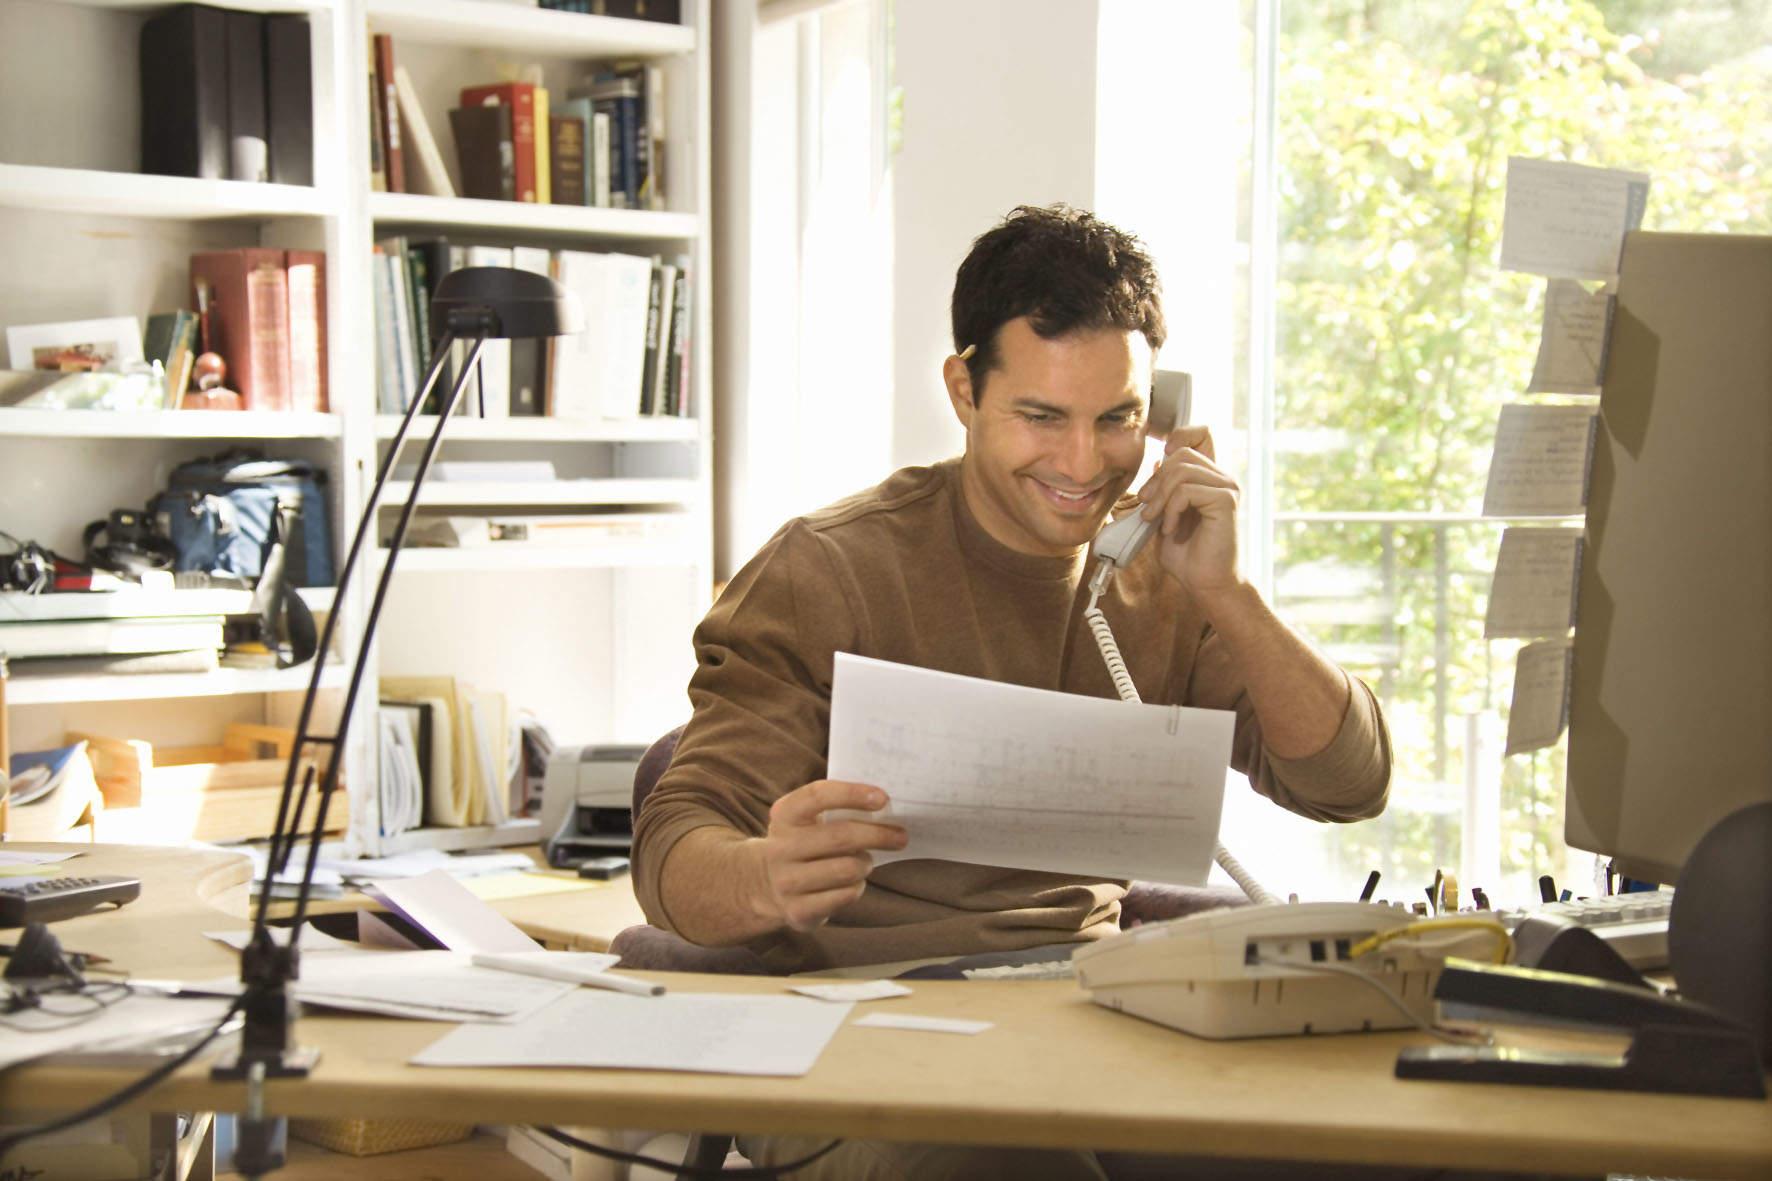 É completamente possível trabalhar em home office e ainda fazer parte de uma equipe.